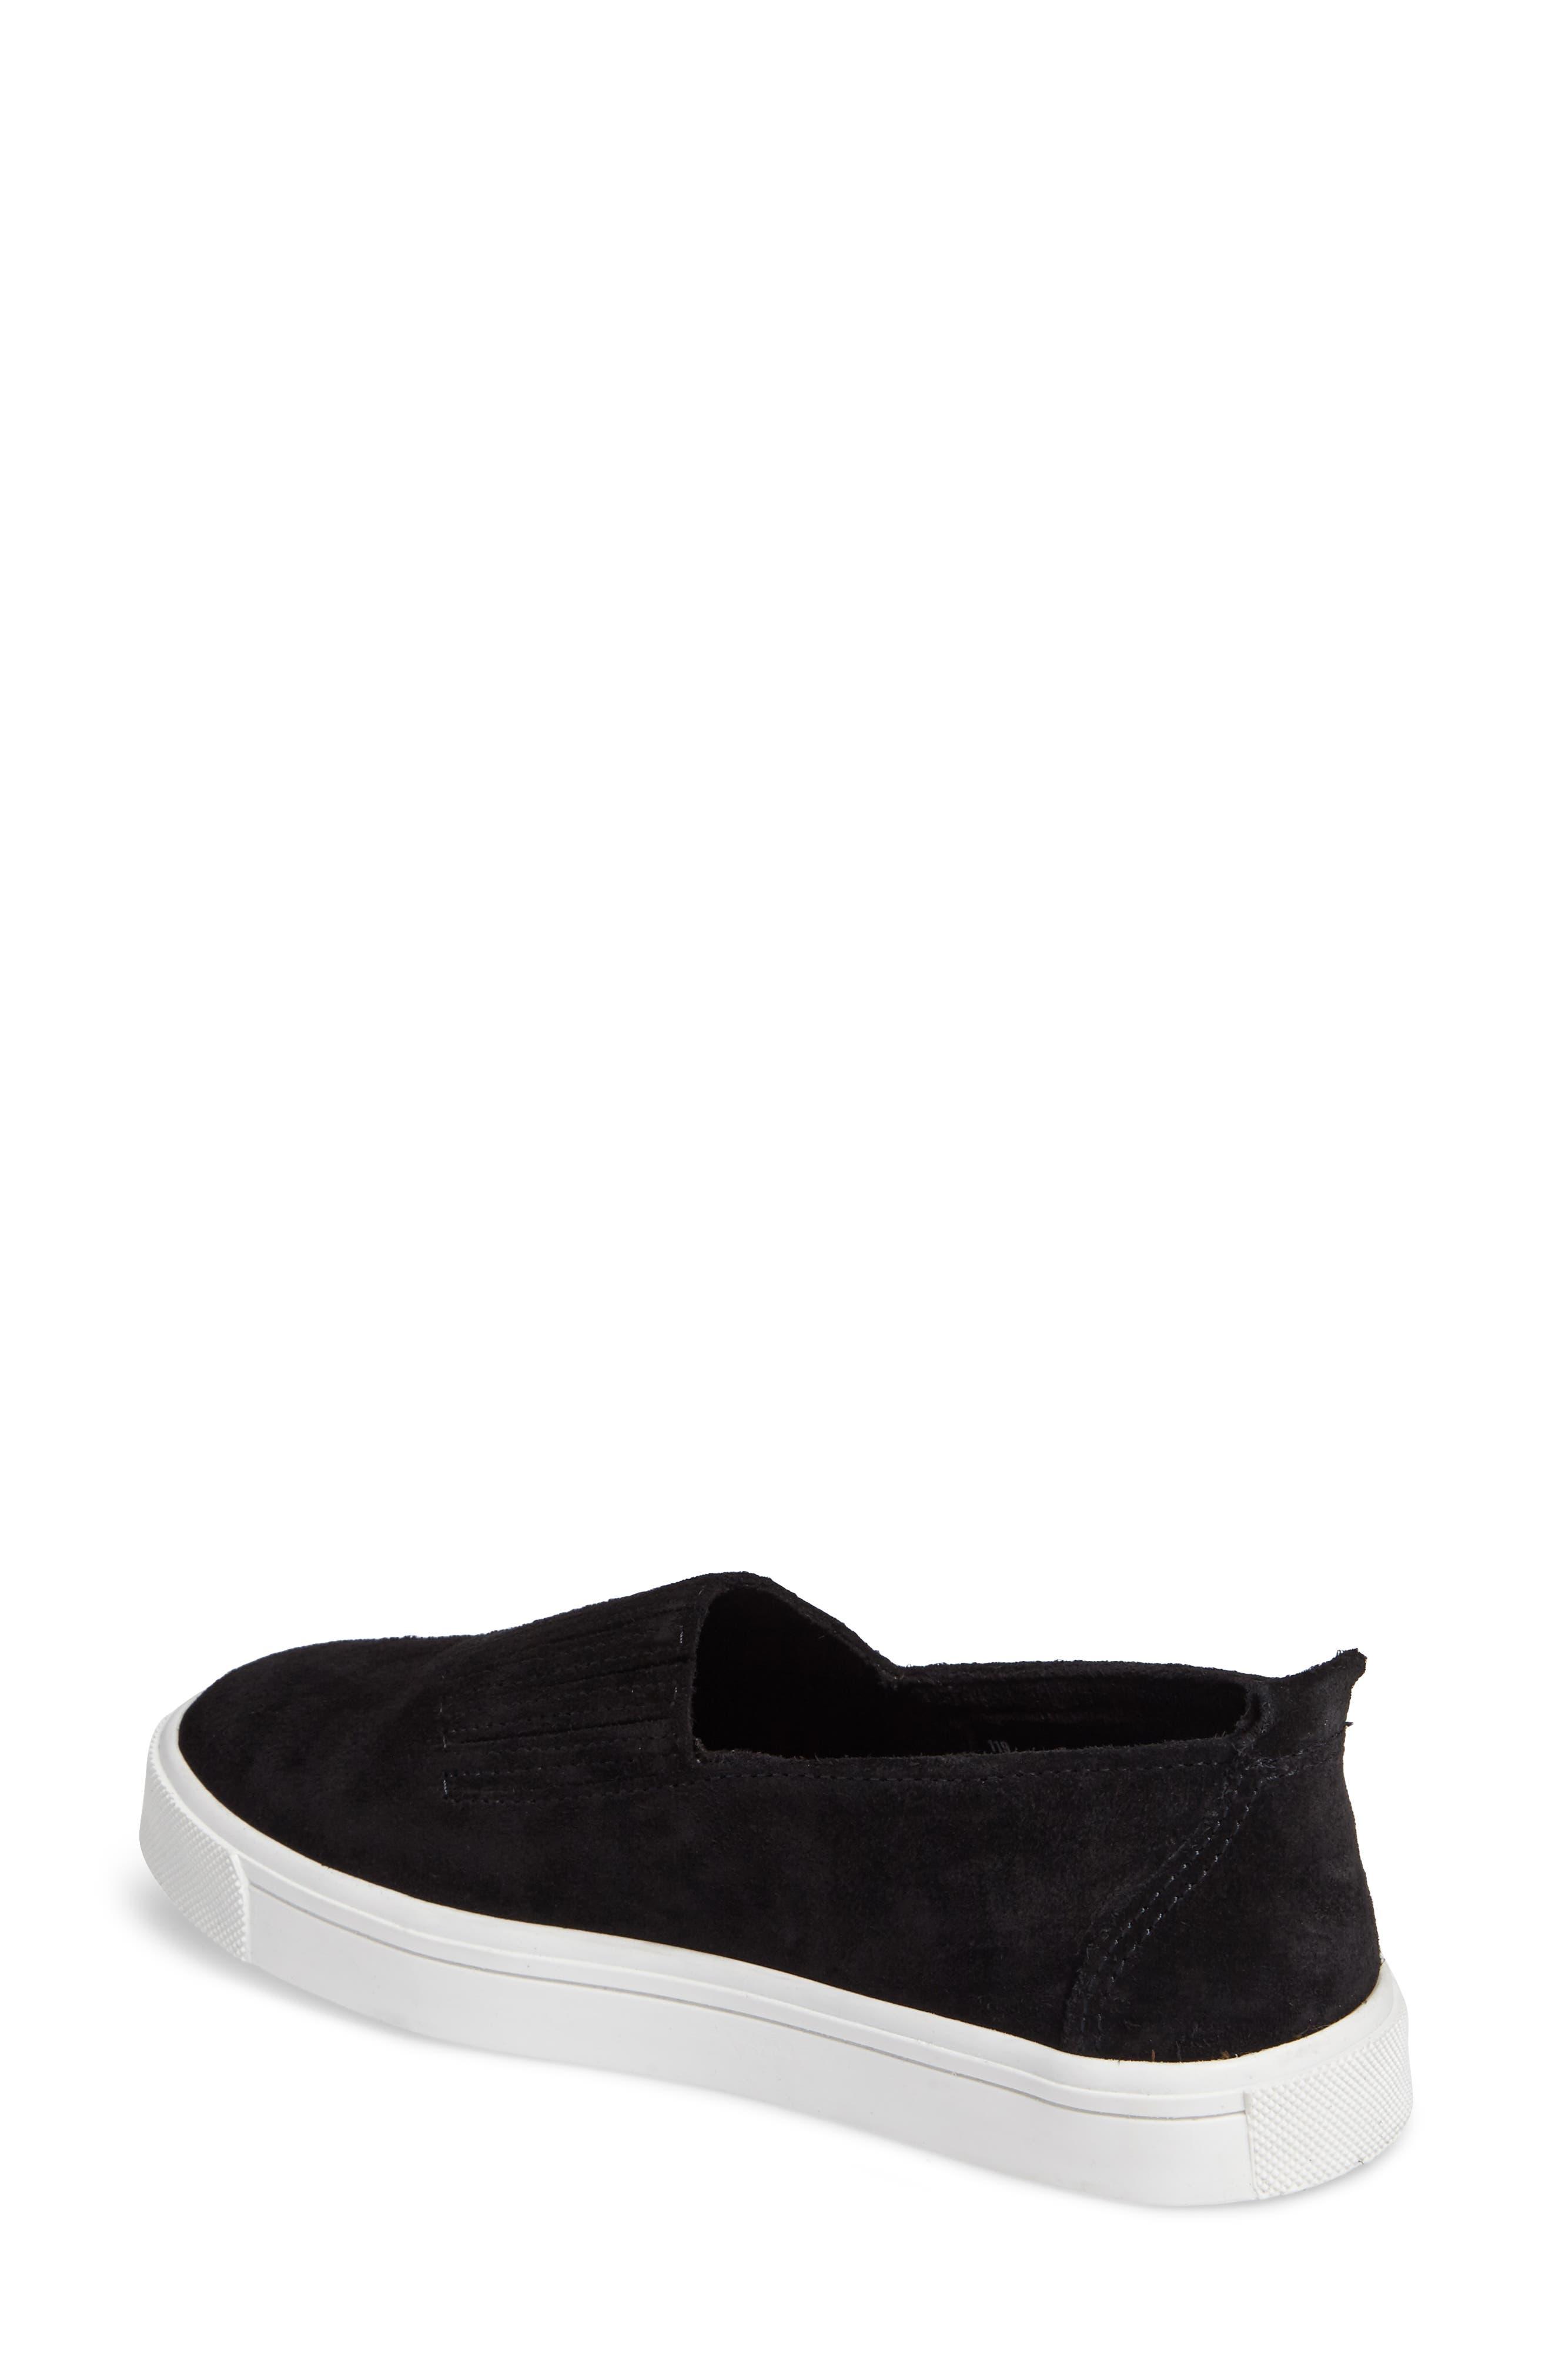 MINNETONKA, Gabi Slip-On Sneaker, Alternate thumbnail 2, color, BLACK